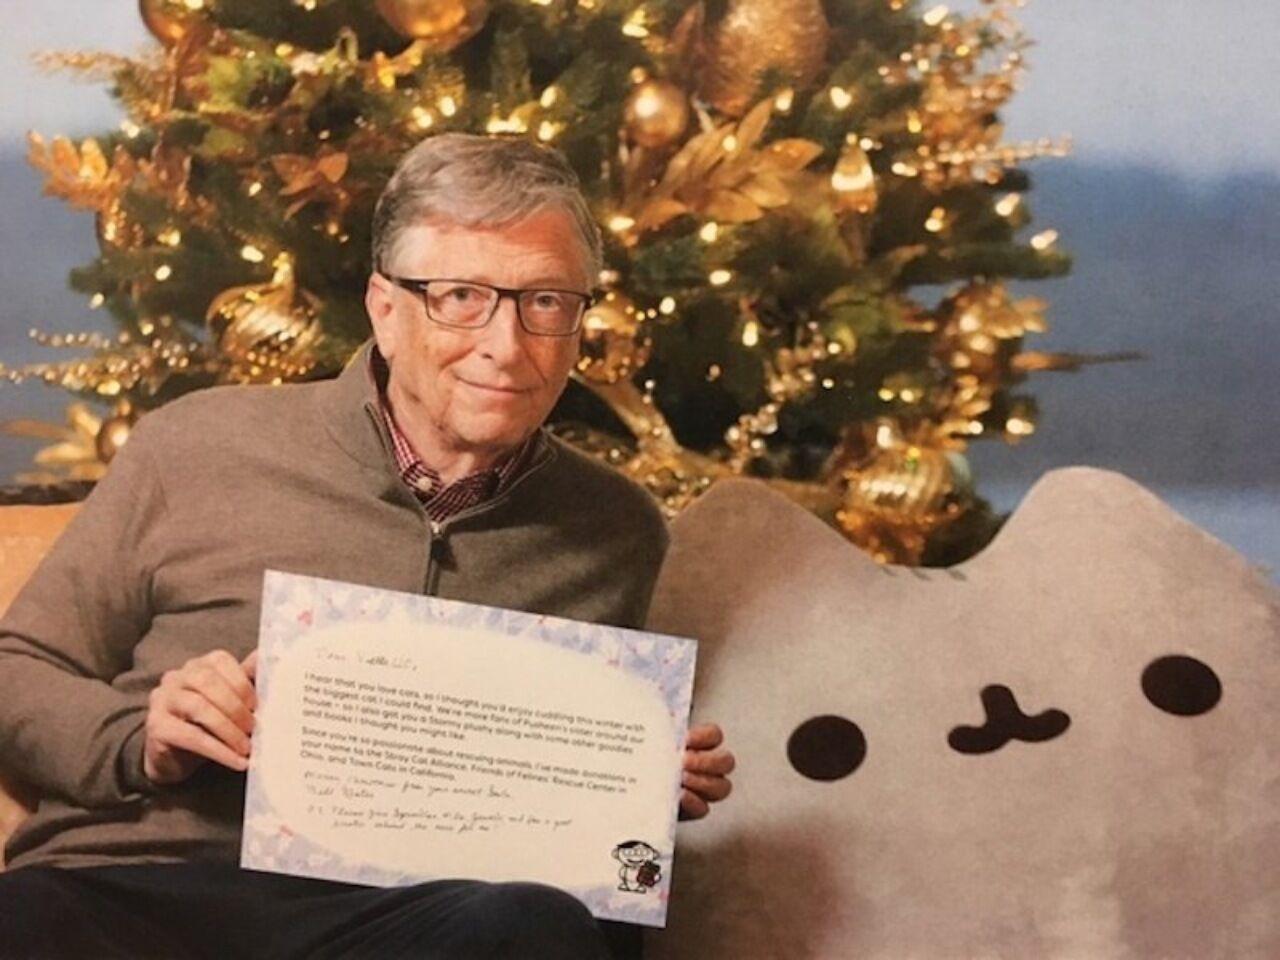 Билл Гейтс подарил огромного плюшевого кота участнице Secret Santa наReddit